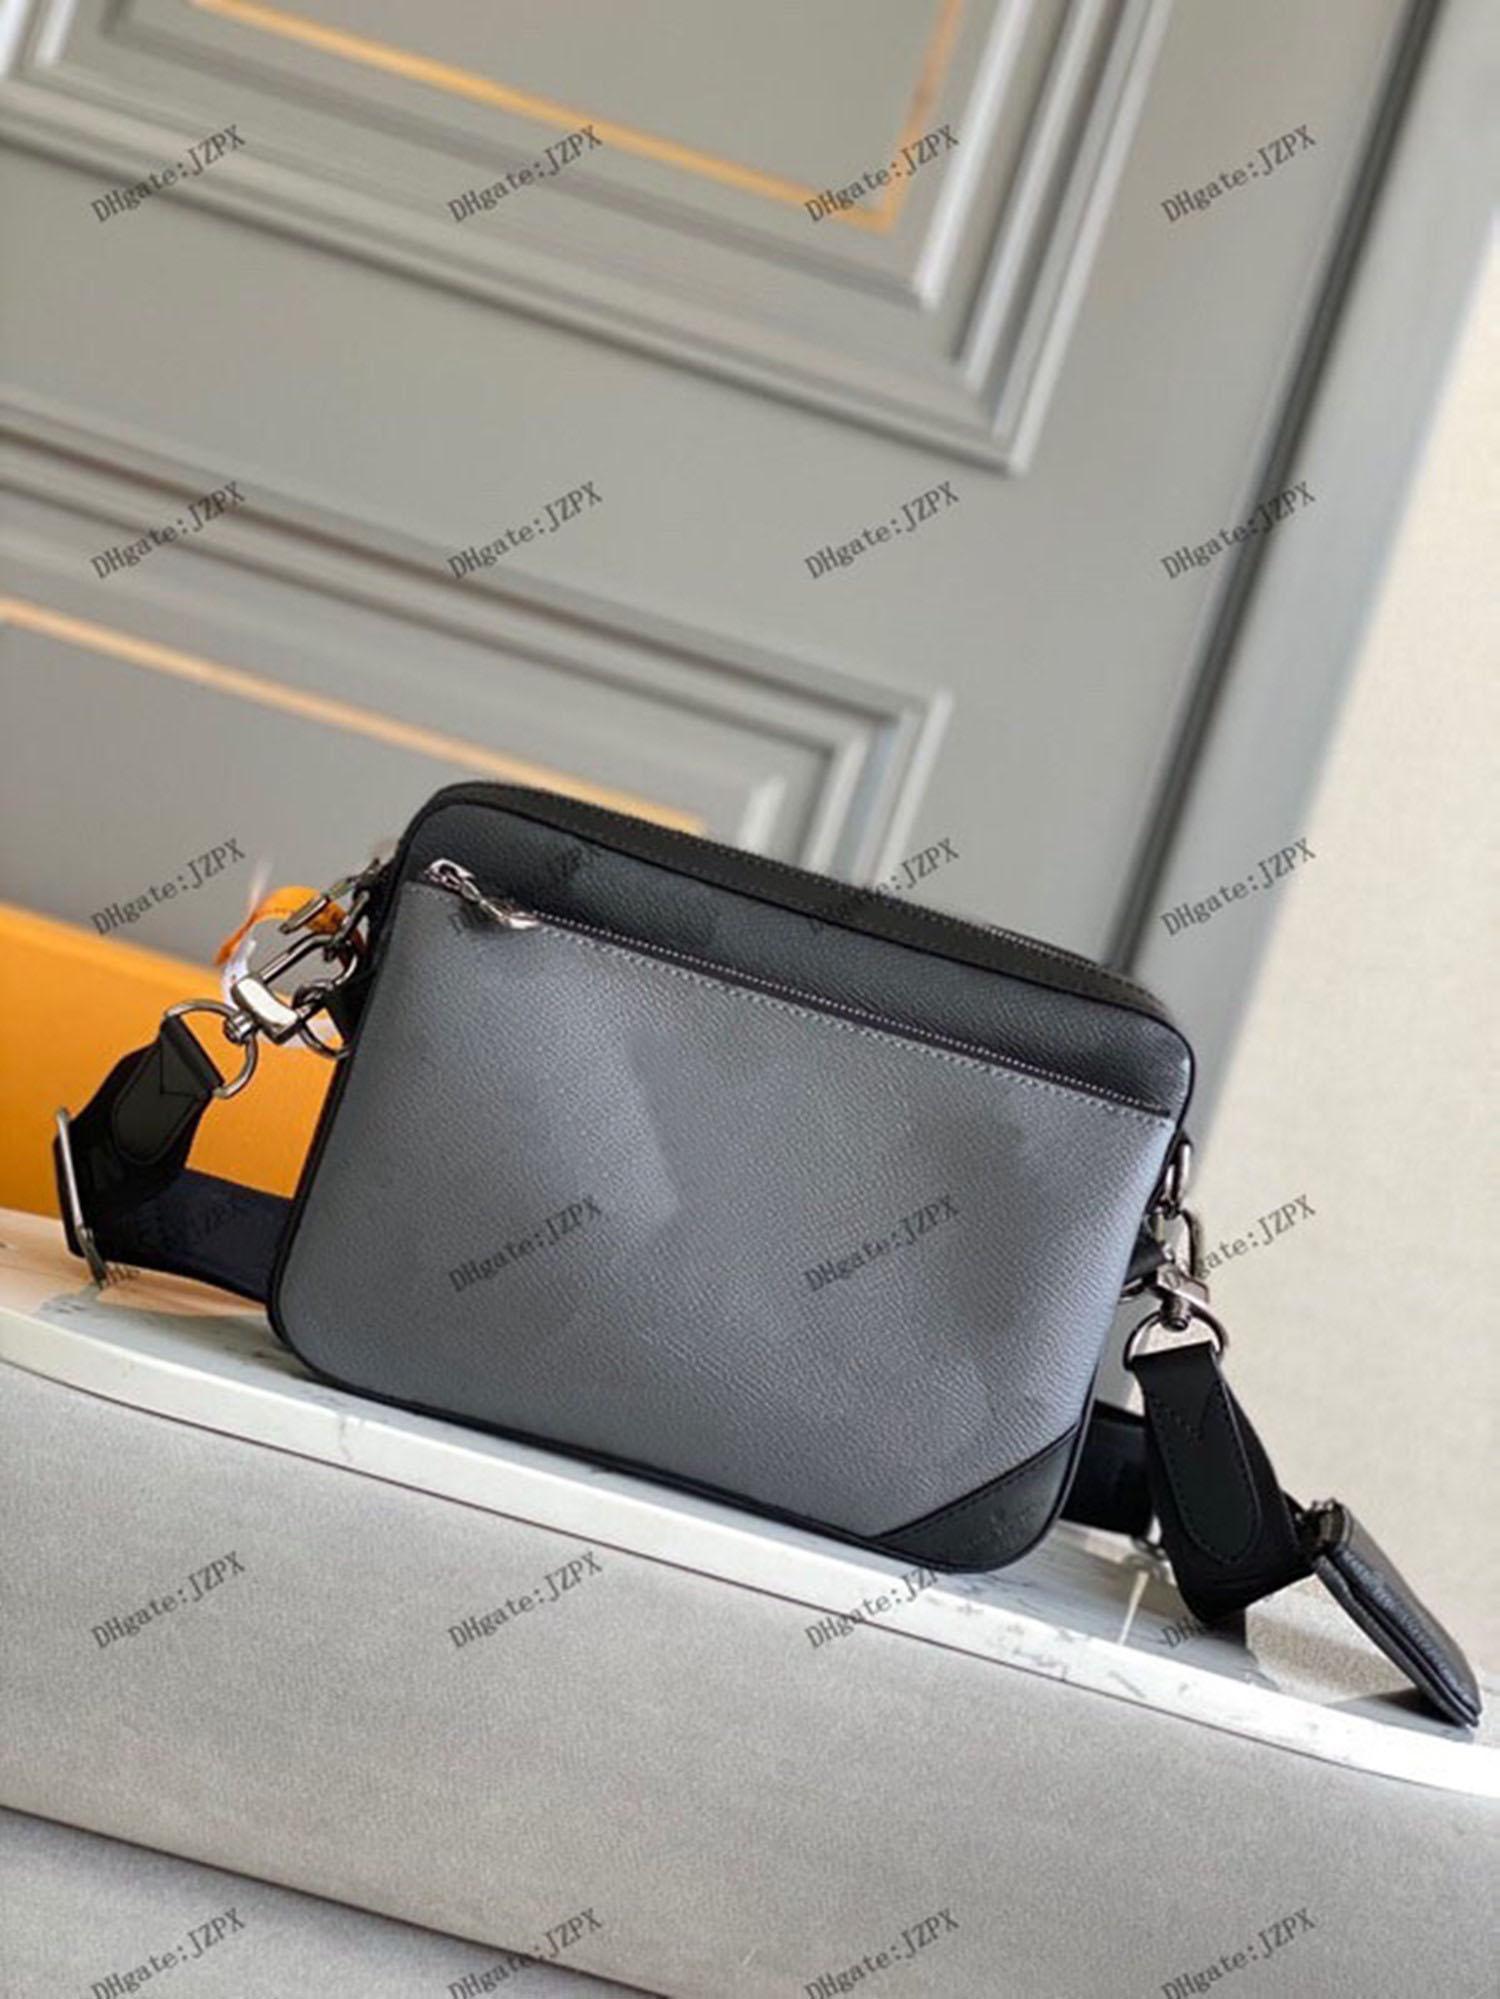 2021 sıcak satış ünlü tasarımcı deri adam çanta, lüks tasarımcı çanta, alışveriş torbaları, omuz çantası, messenger çanta, 093